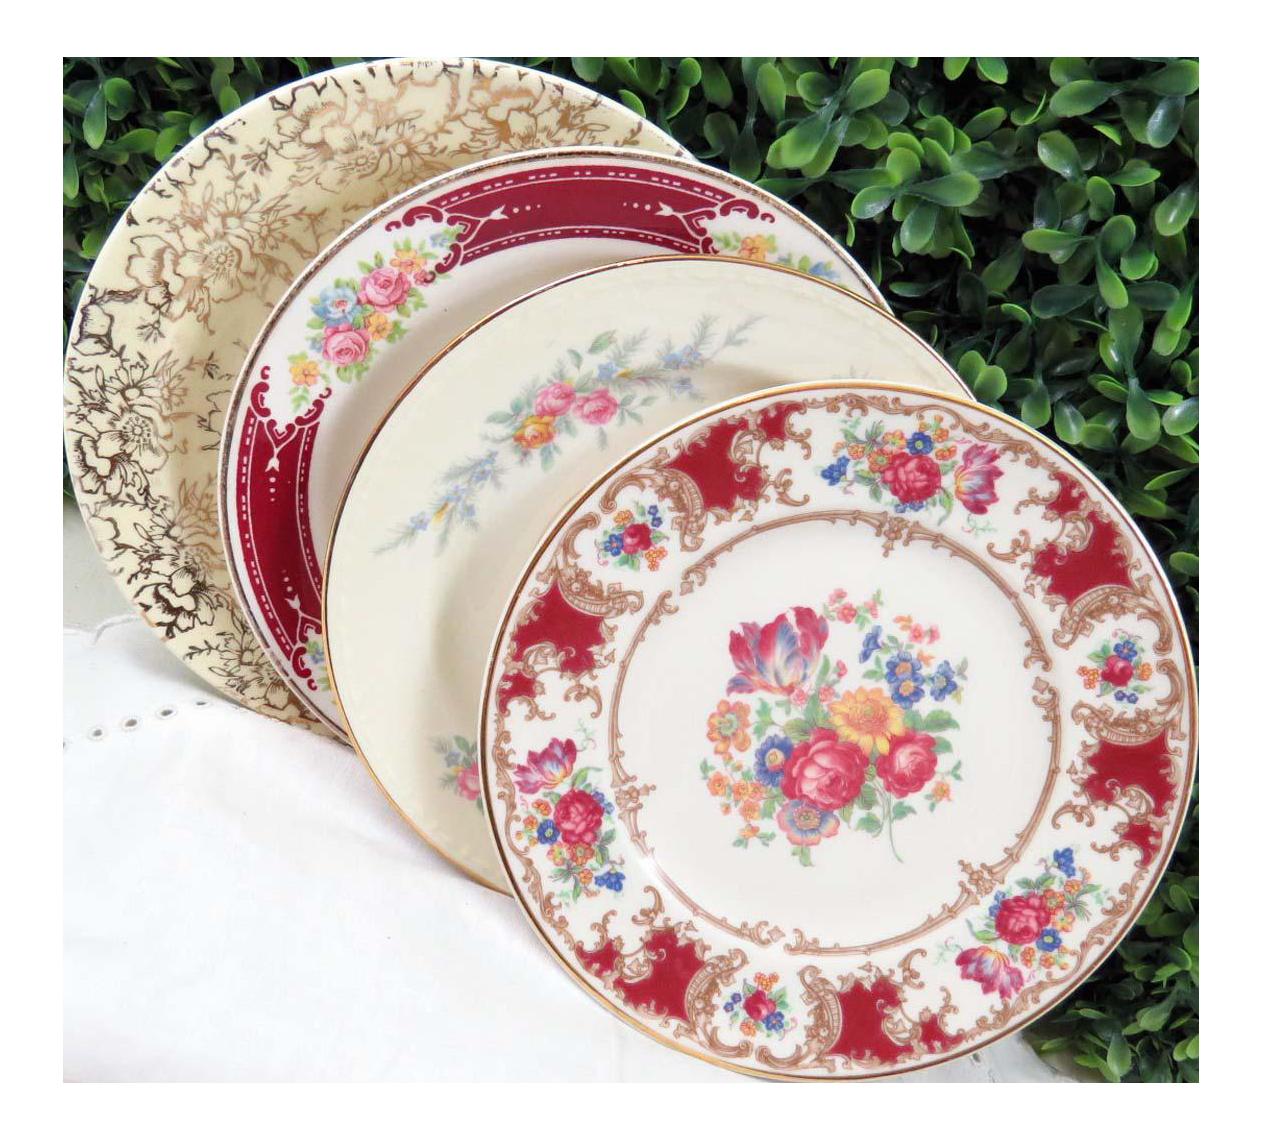 Vintage Mismatched Fine China Dessert Plates - Set of 4  sc 1 st  Chairish & Vintage Mismatched Fine China Dessert Plates - Set of 4 | Chairish